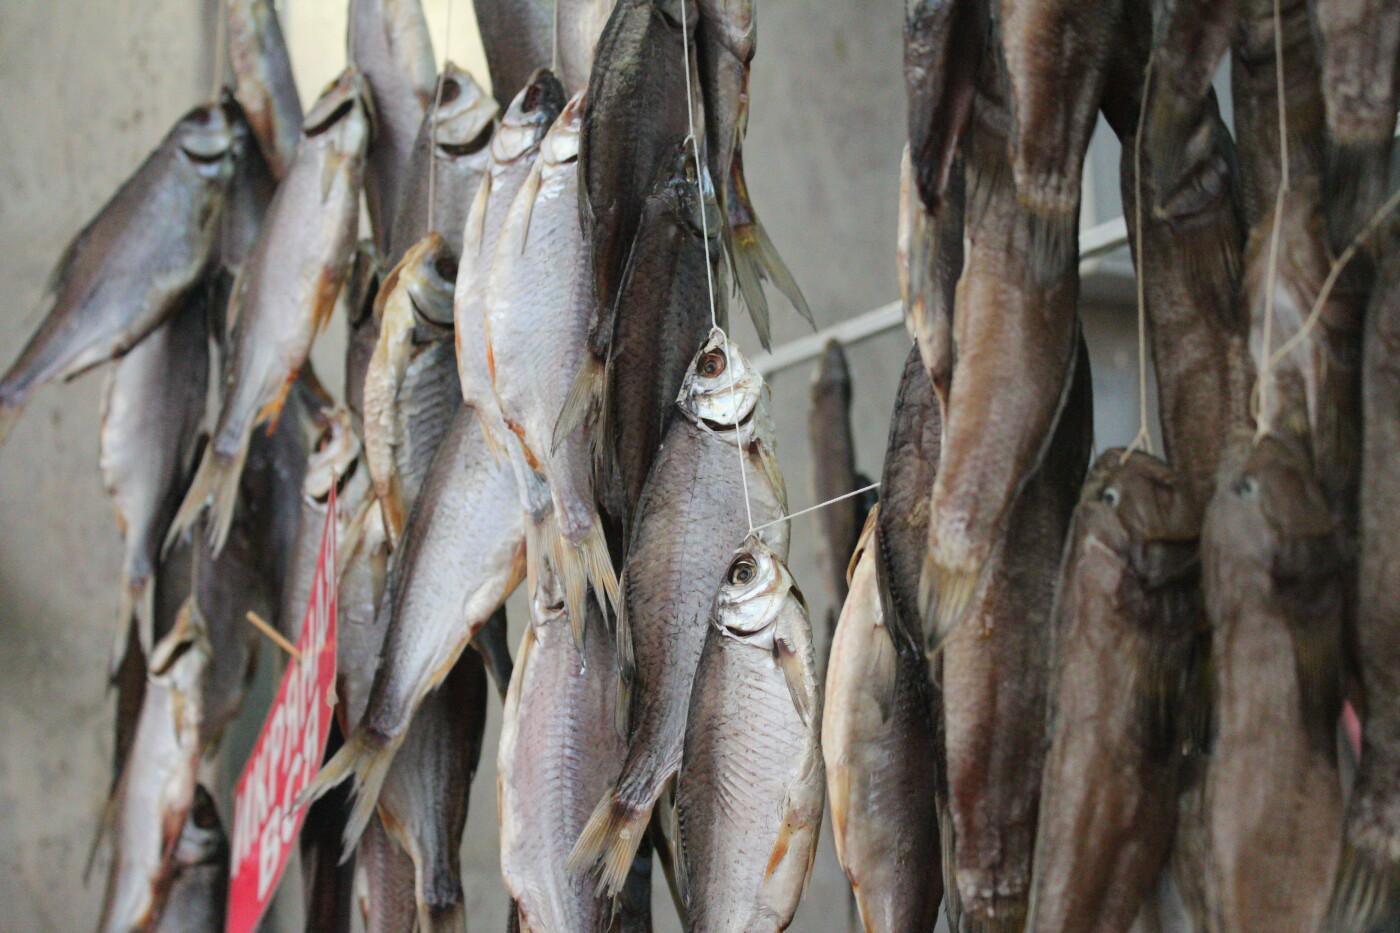 Рыбный четверг: по чем бычок в Бердянске?, фото-24